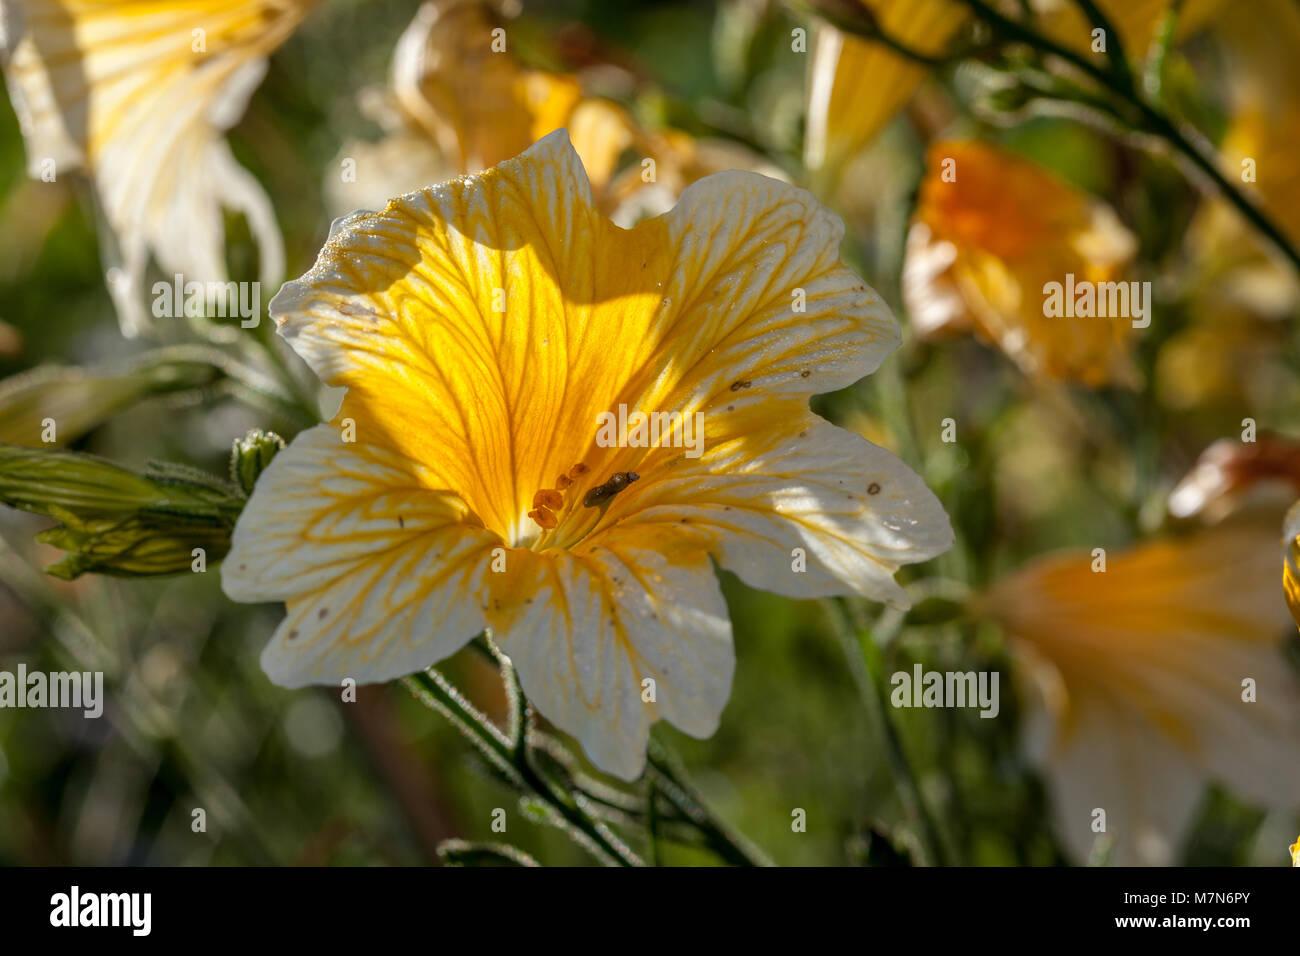 Velvet Trumpet Flower, Trumpetblomma (Salpiglossis sinuata) Stock Photo